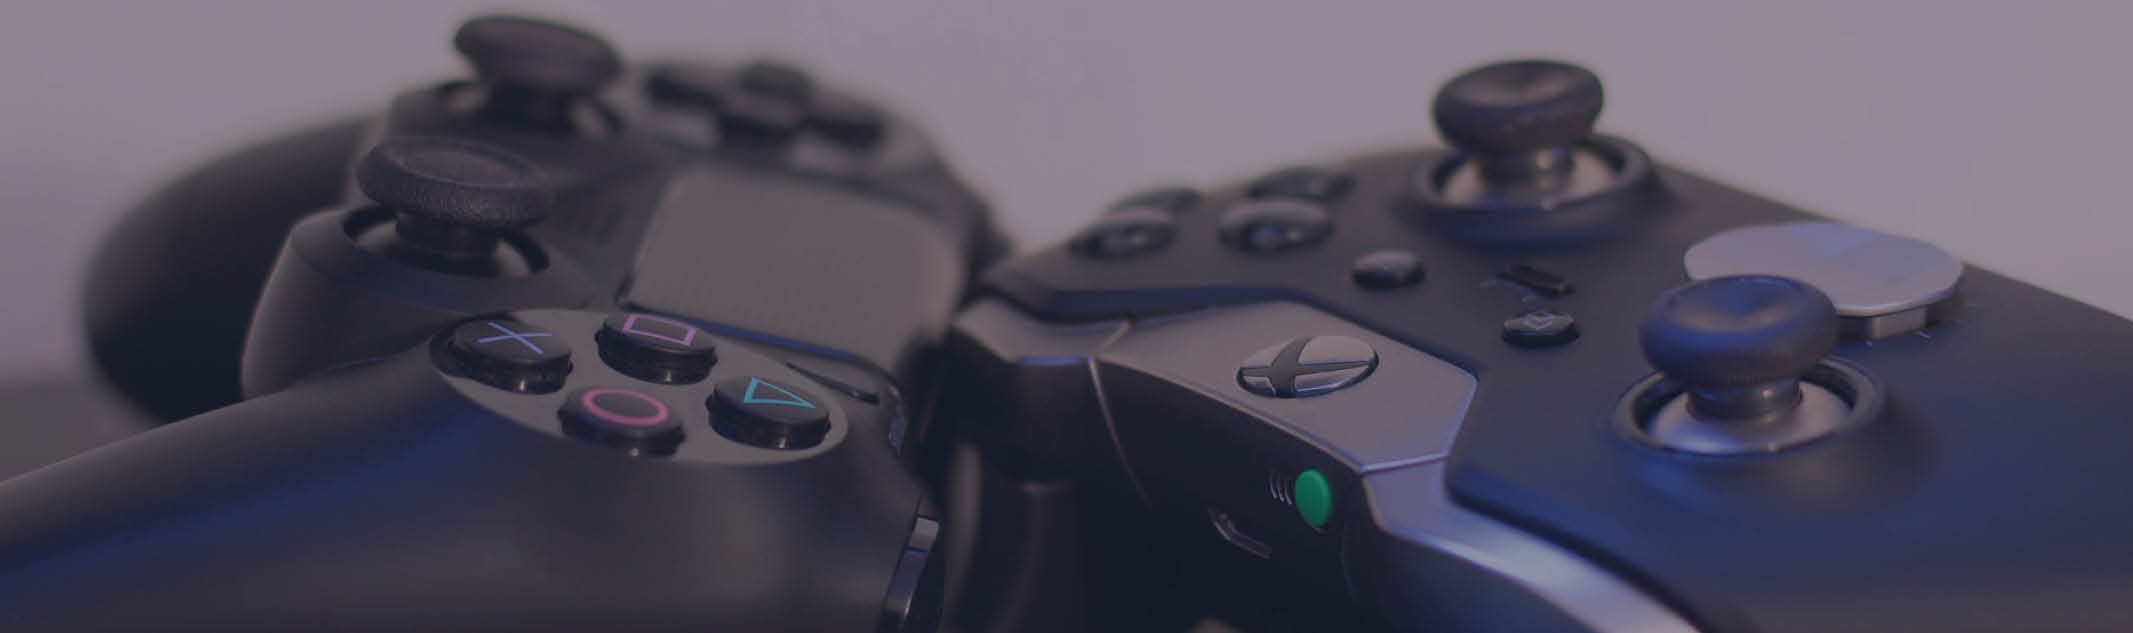 Programa de Impulso al Sector del Videojuego